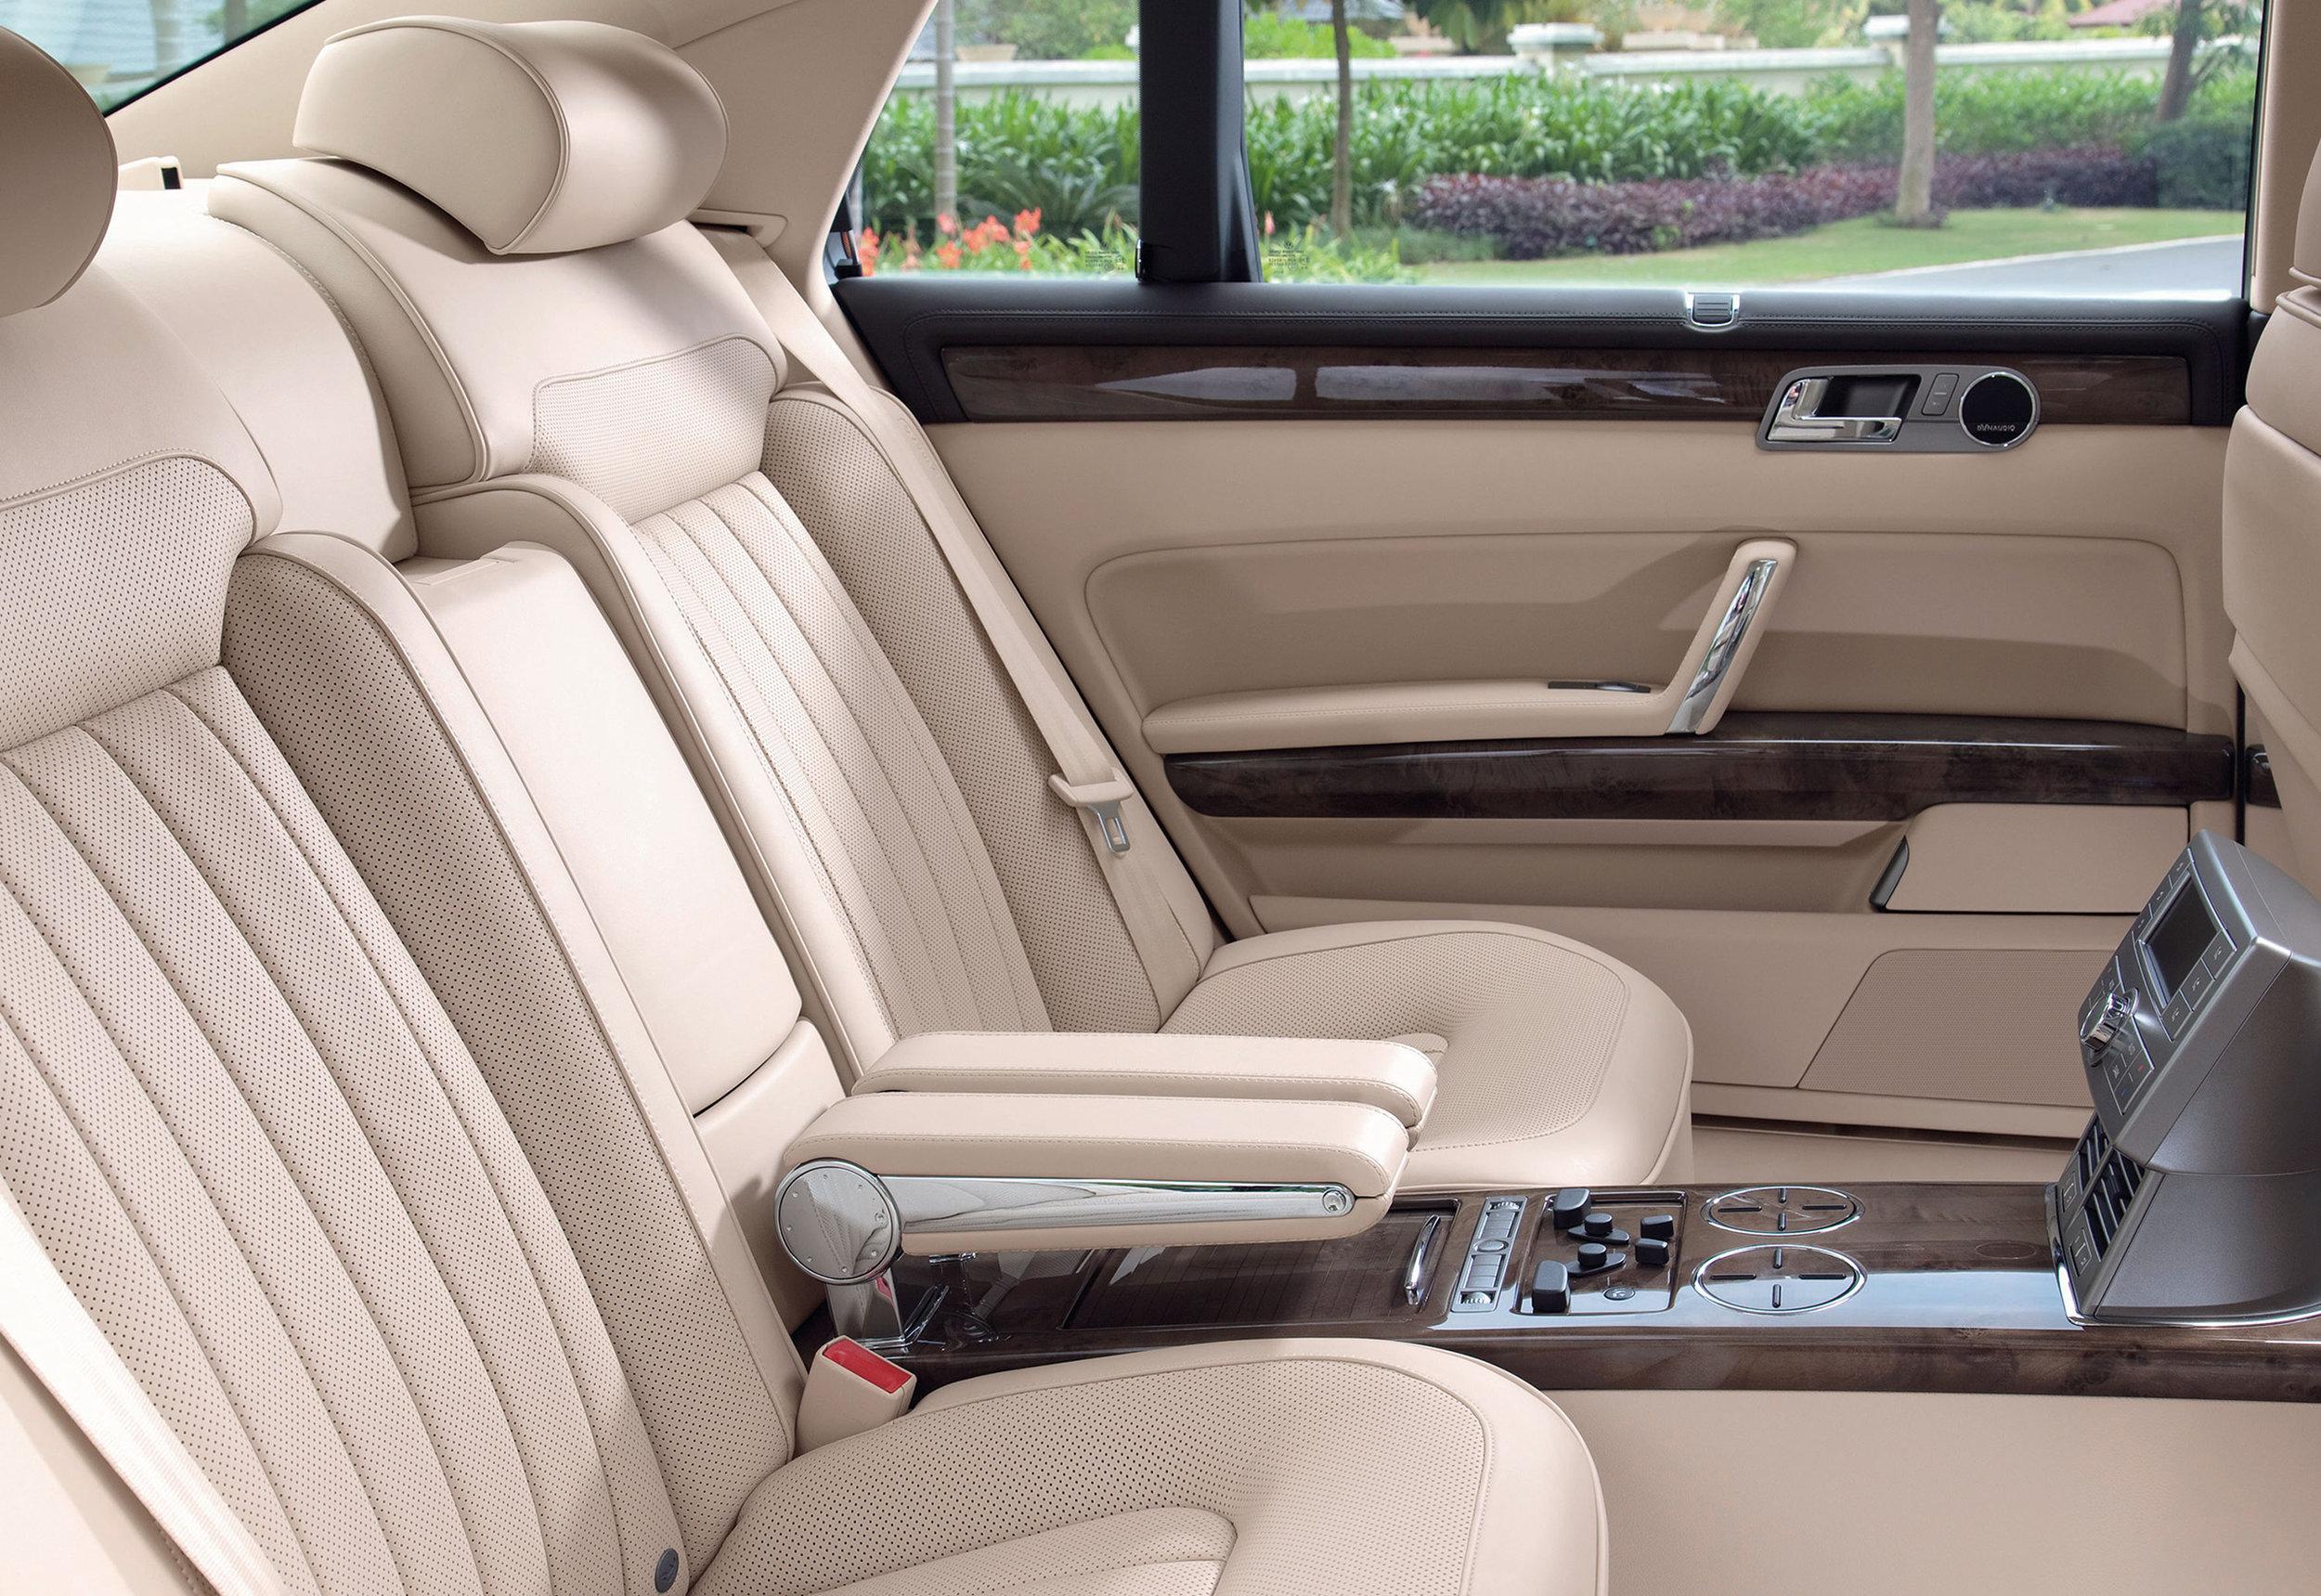 VW-Phaeton-07.jpg